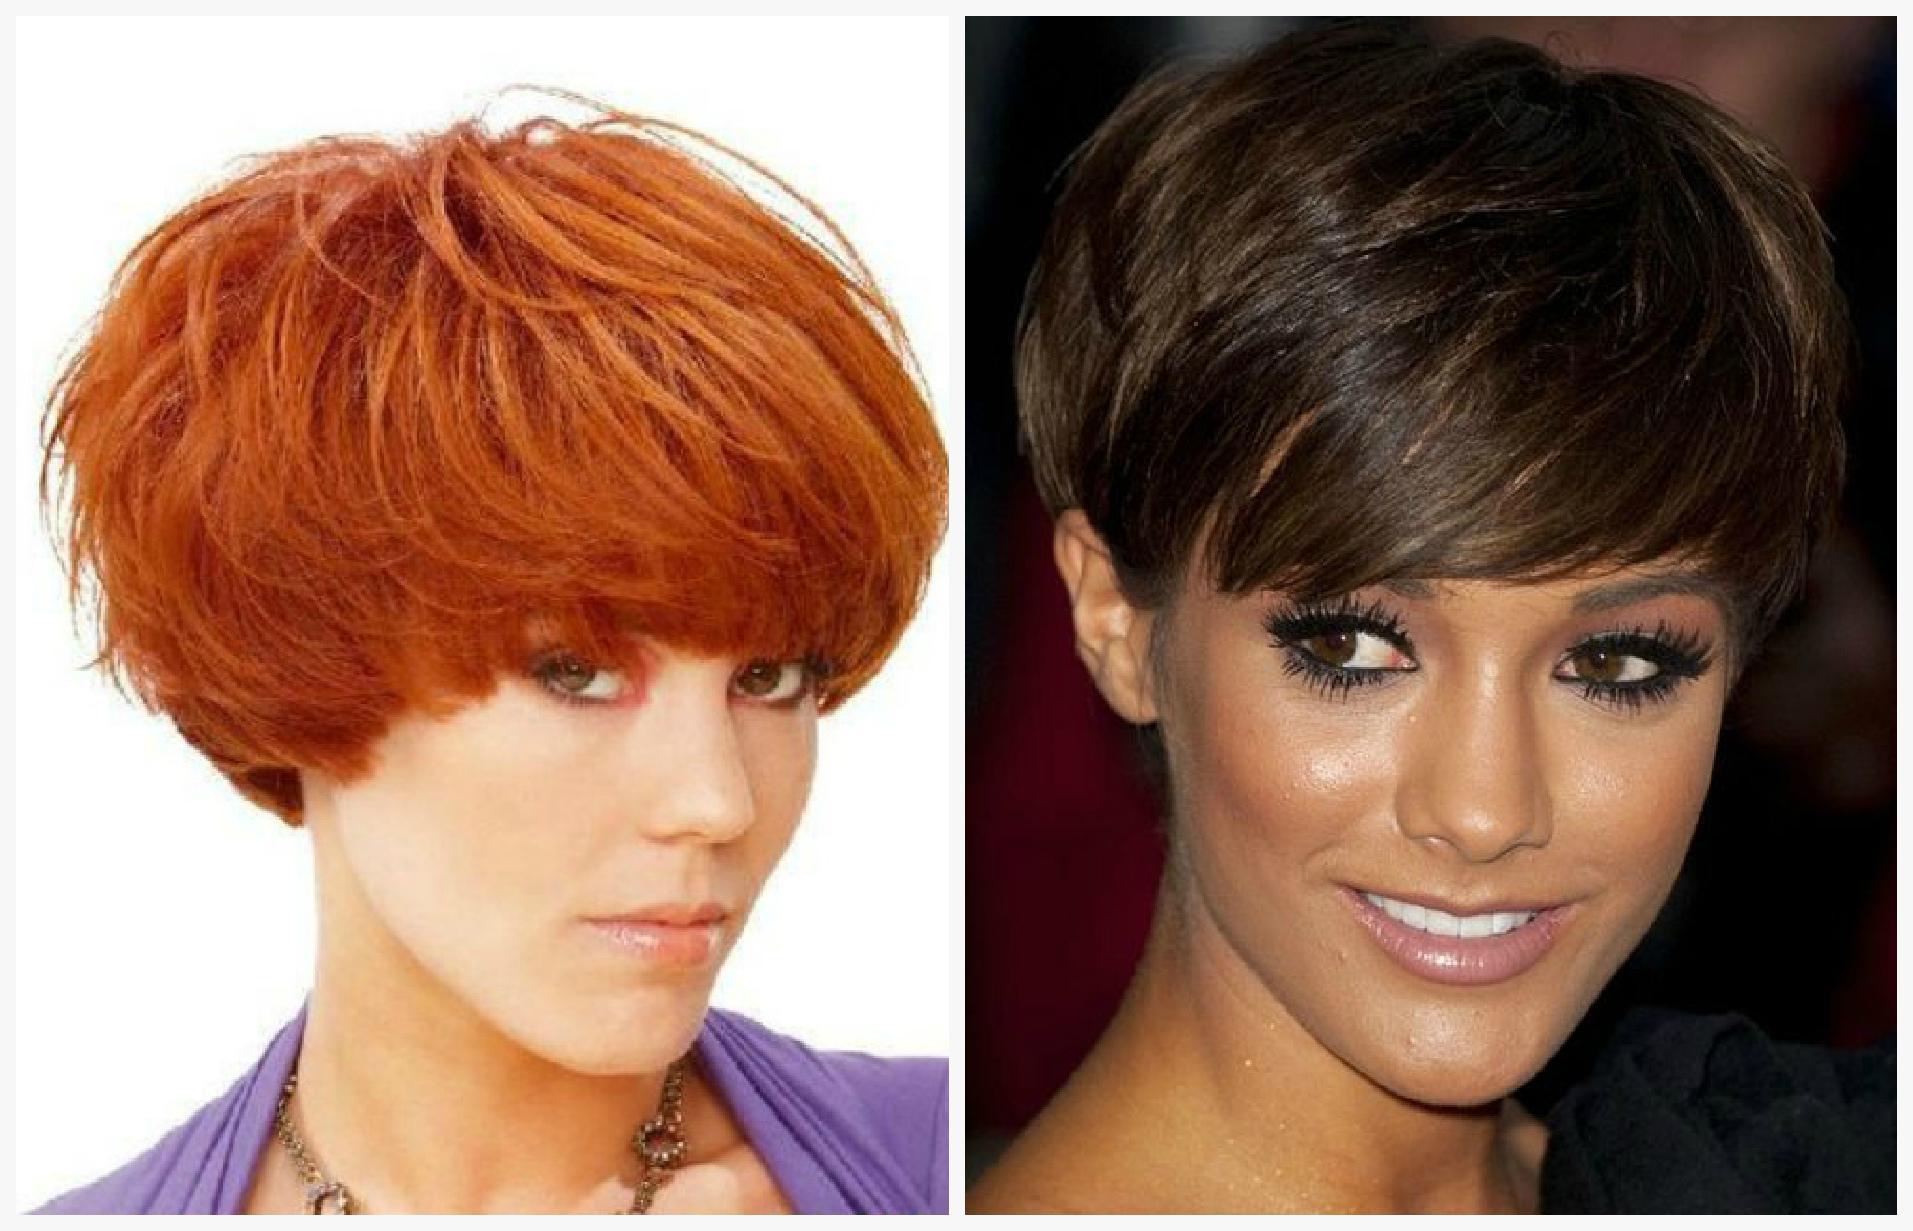 image84-1 | Модные женские стрижки на короткие волосы: основные правила и варианты исполнения